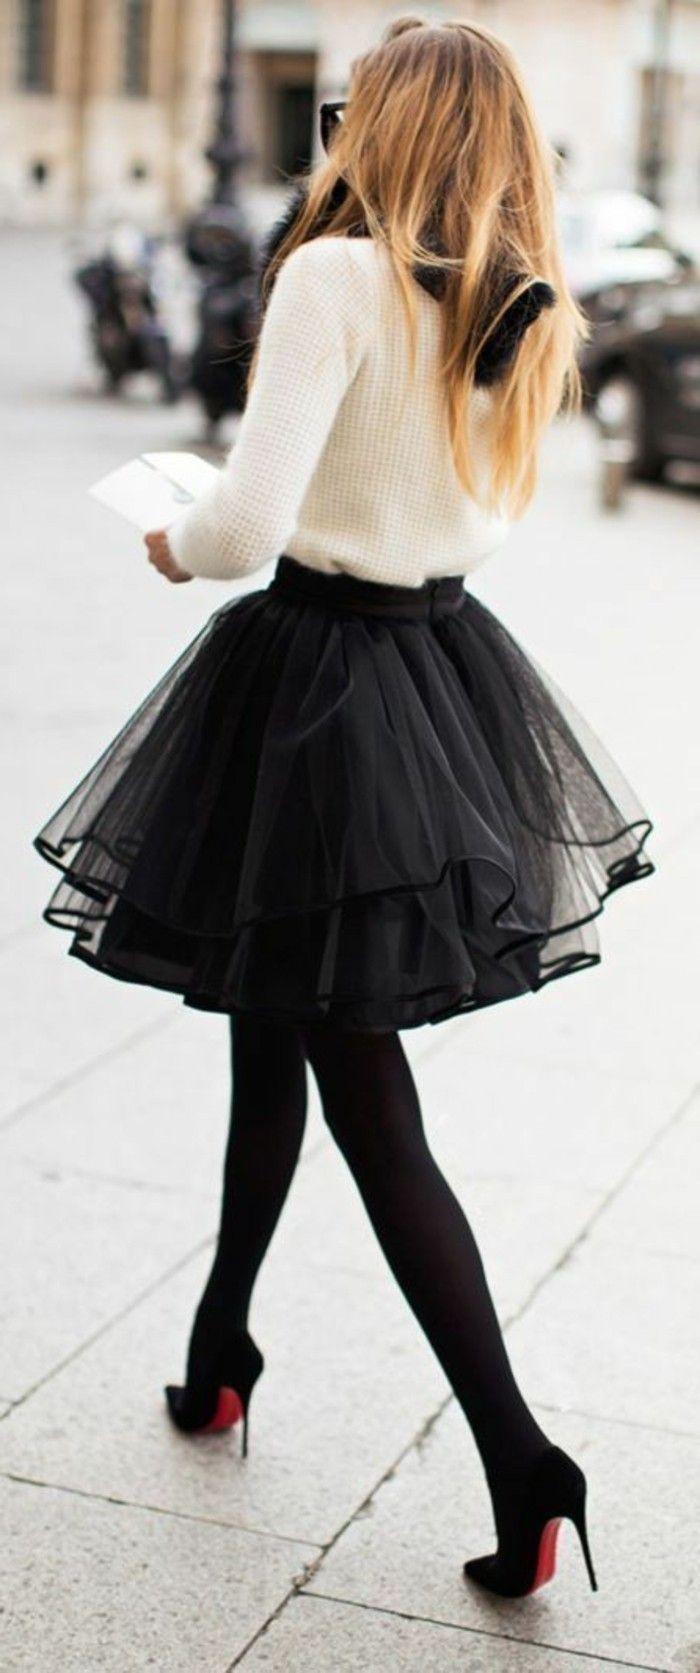 de574e9a650 Comment porter la jupe tutu